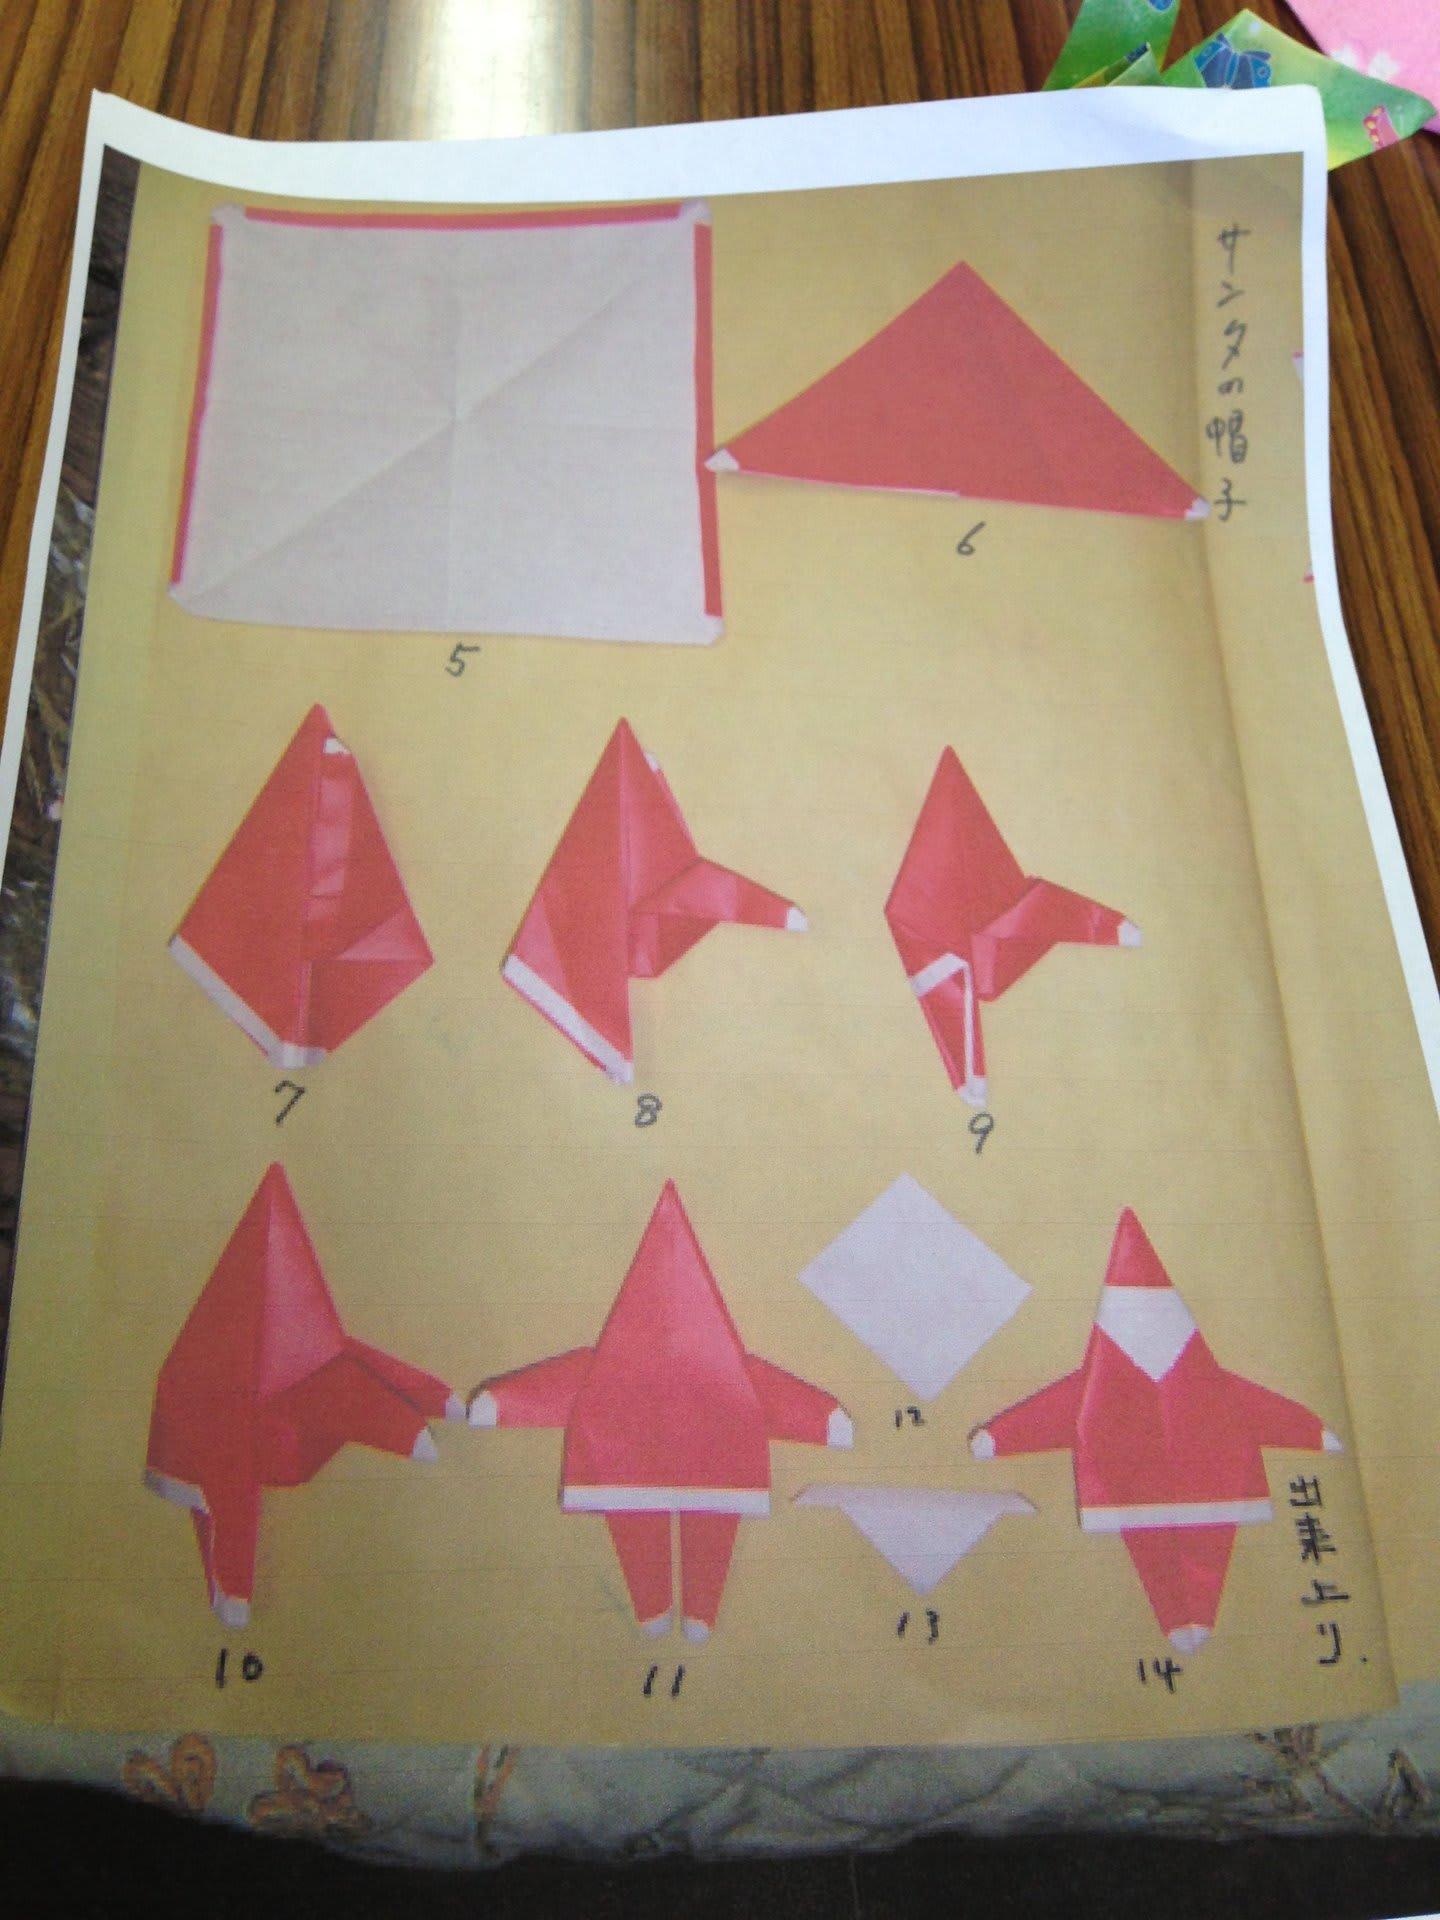 紙 折り紙 新聞紙 折り紙 箱 : 折り紙のサンタクロースの折り ...